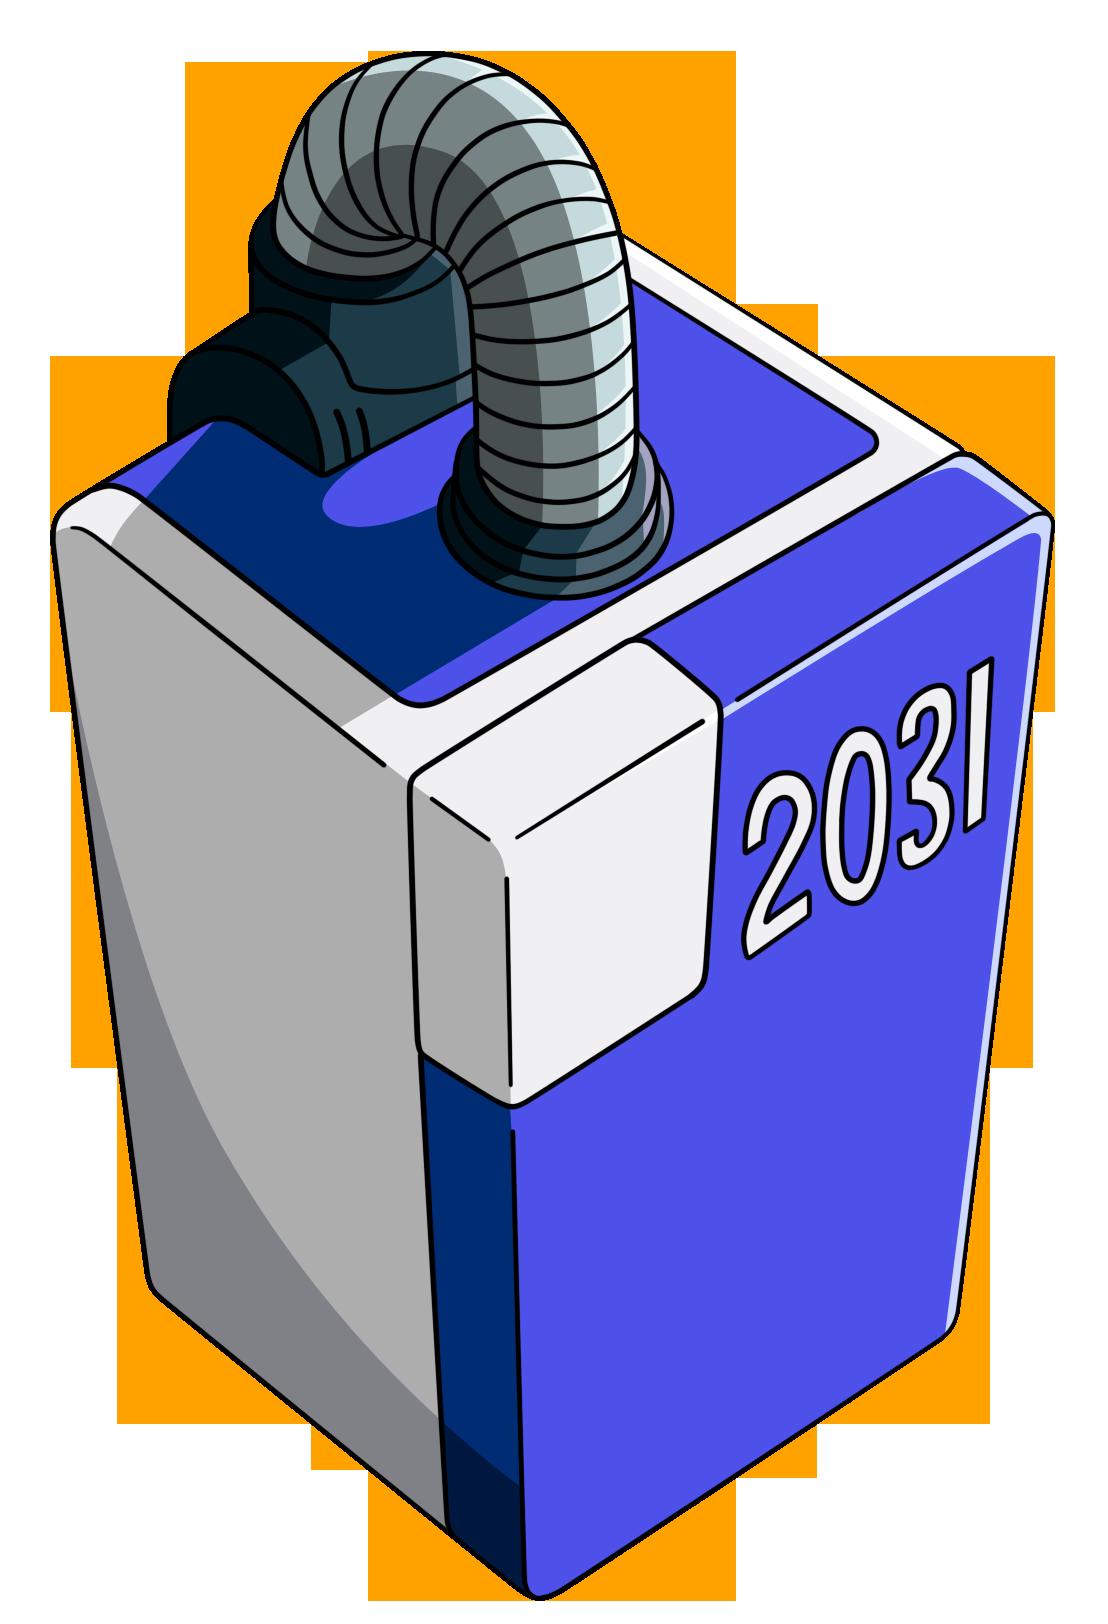 Cápsula Número 2031